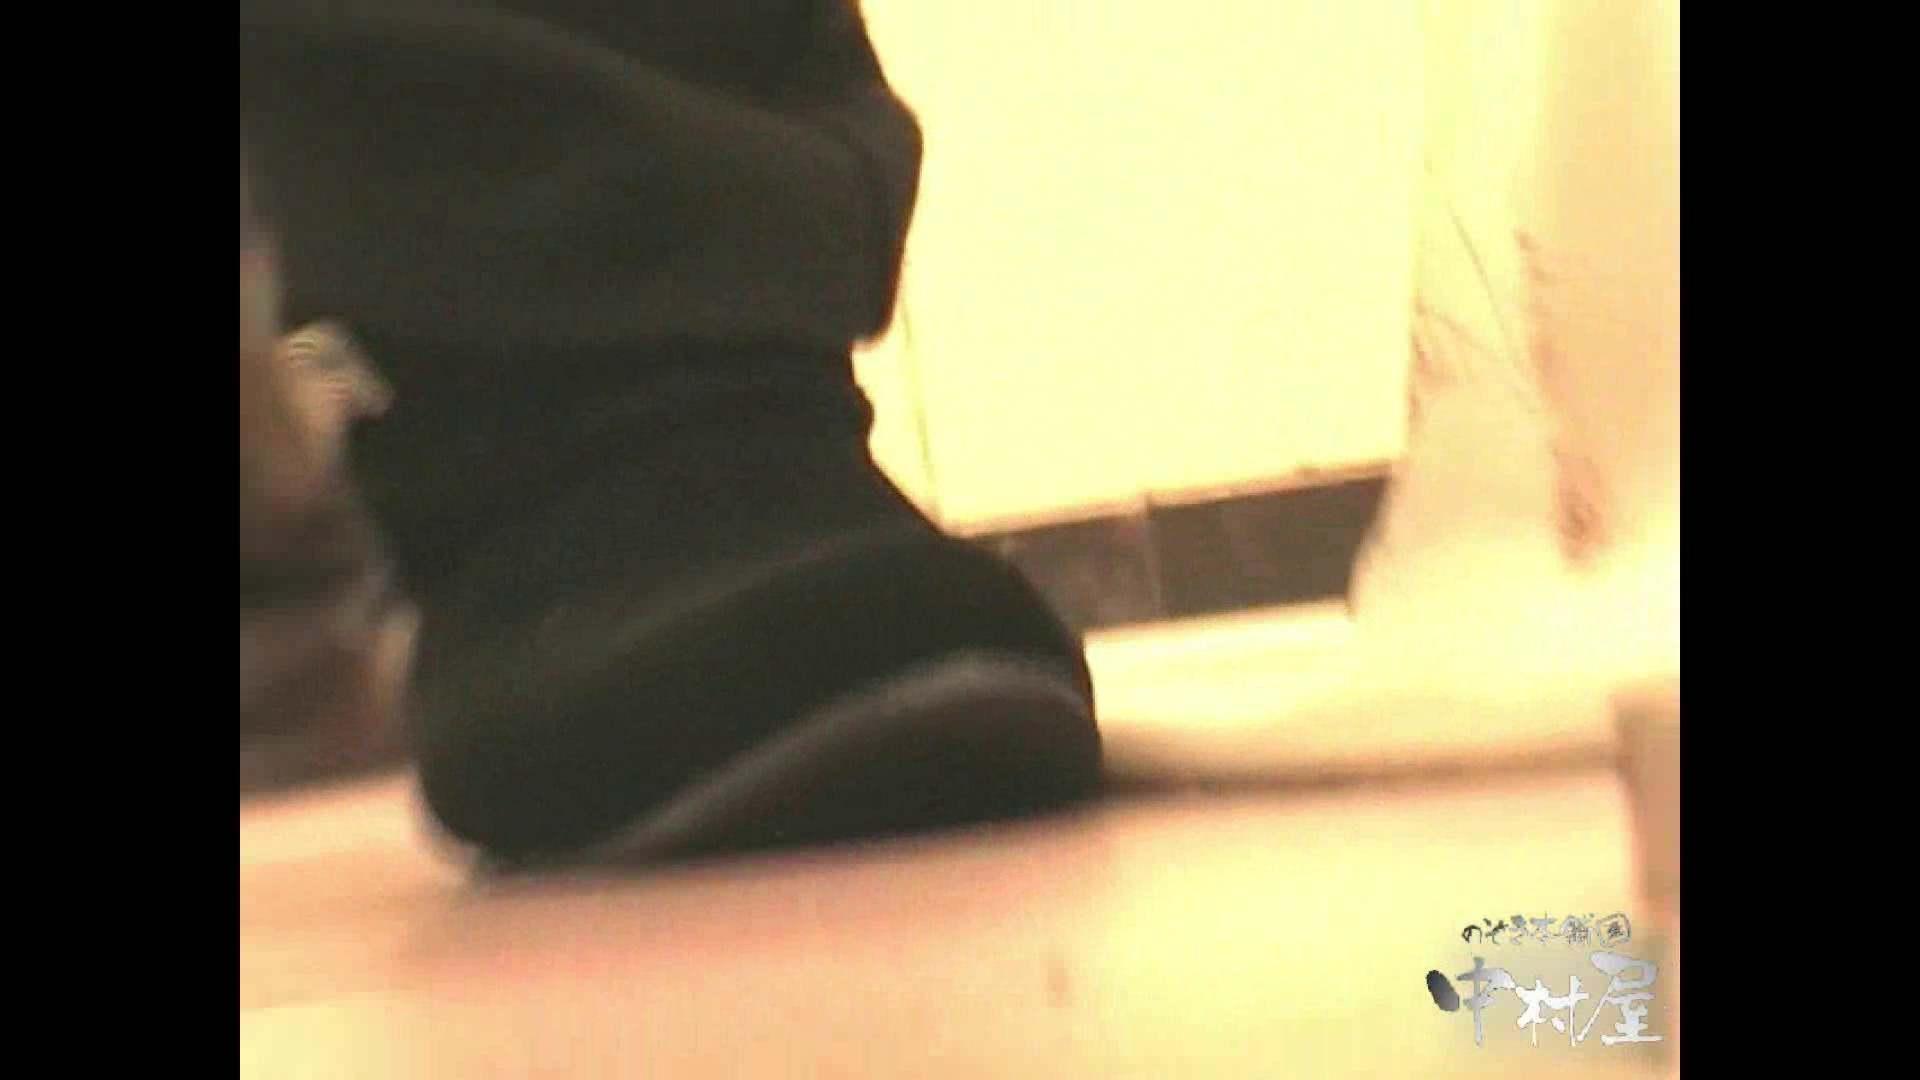 岩手県在住盗撮師盗撮記録vol.02 マンコエロすぎ 濡れ場動画紹介 108PIX 31